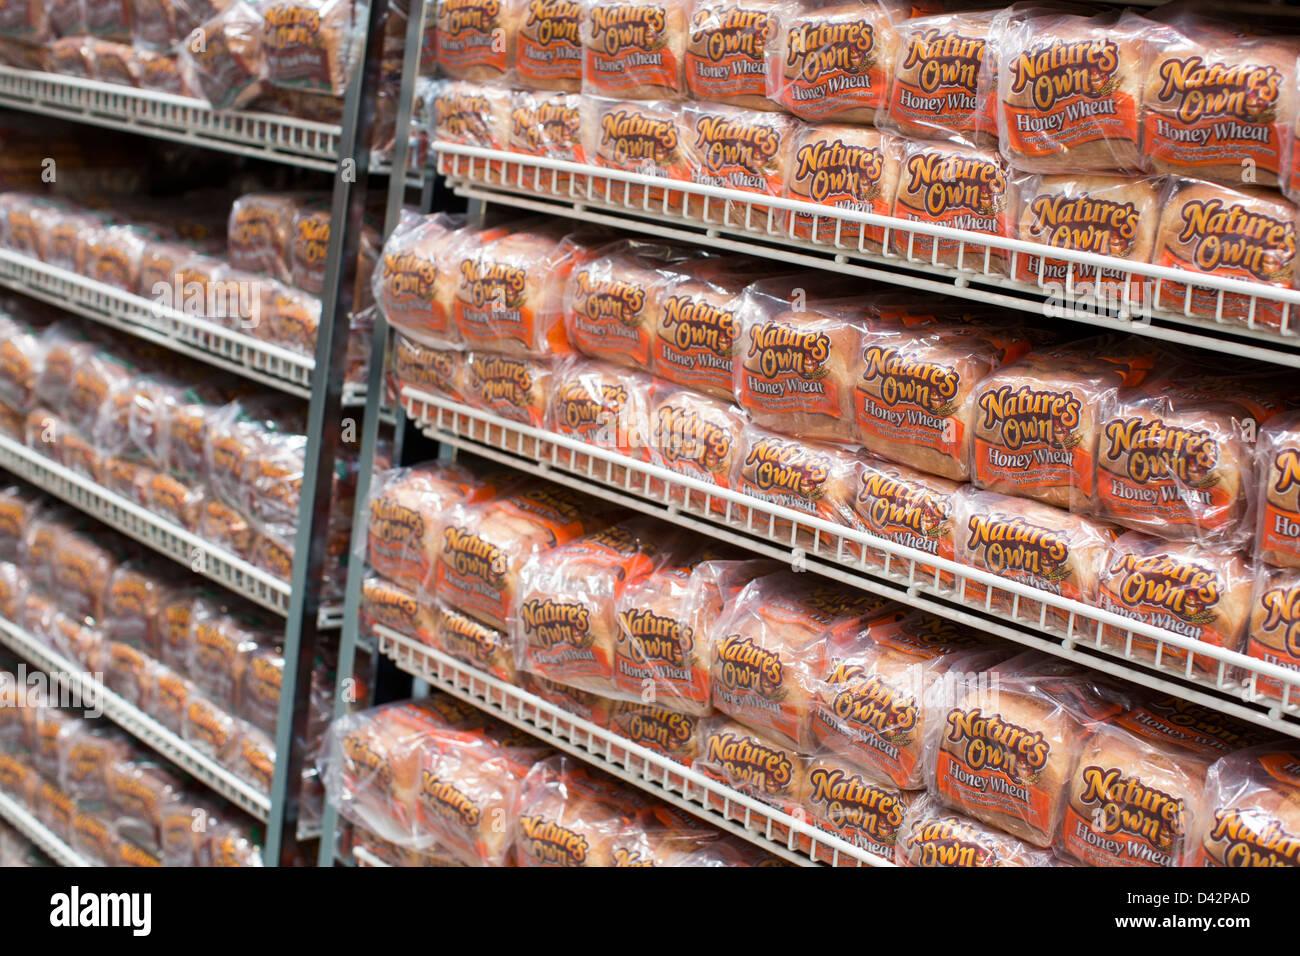 La natura della propria miele pane di grano sul visualizzatore in corrispondenza di un Costco Wholesale Club magazzino. Immagini Stock